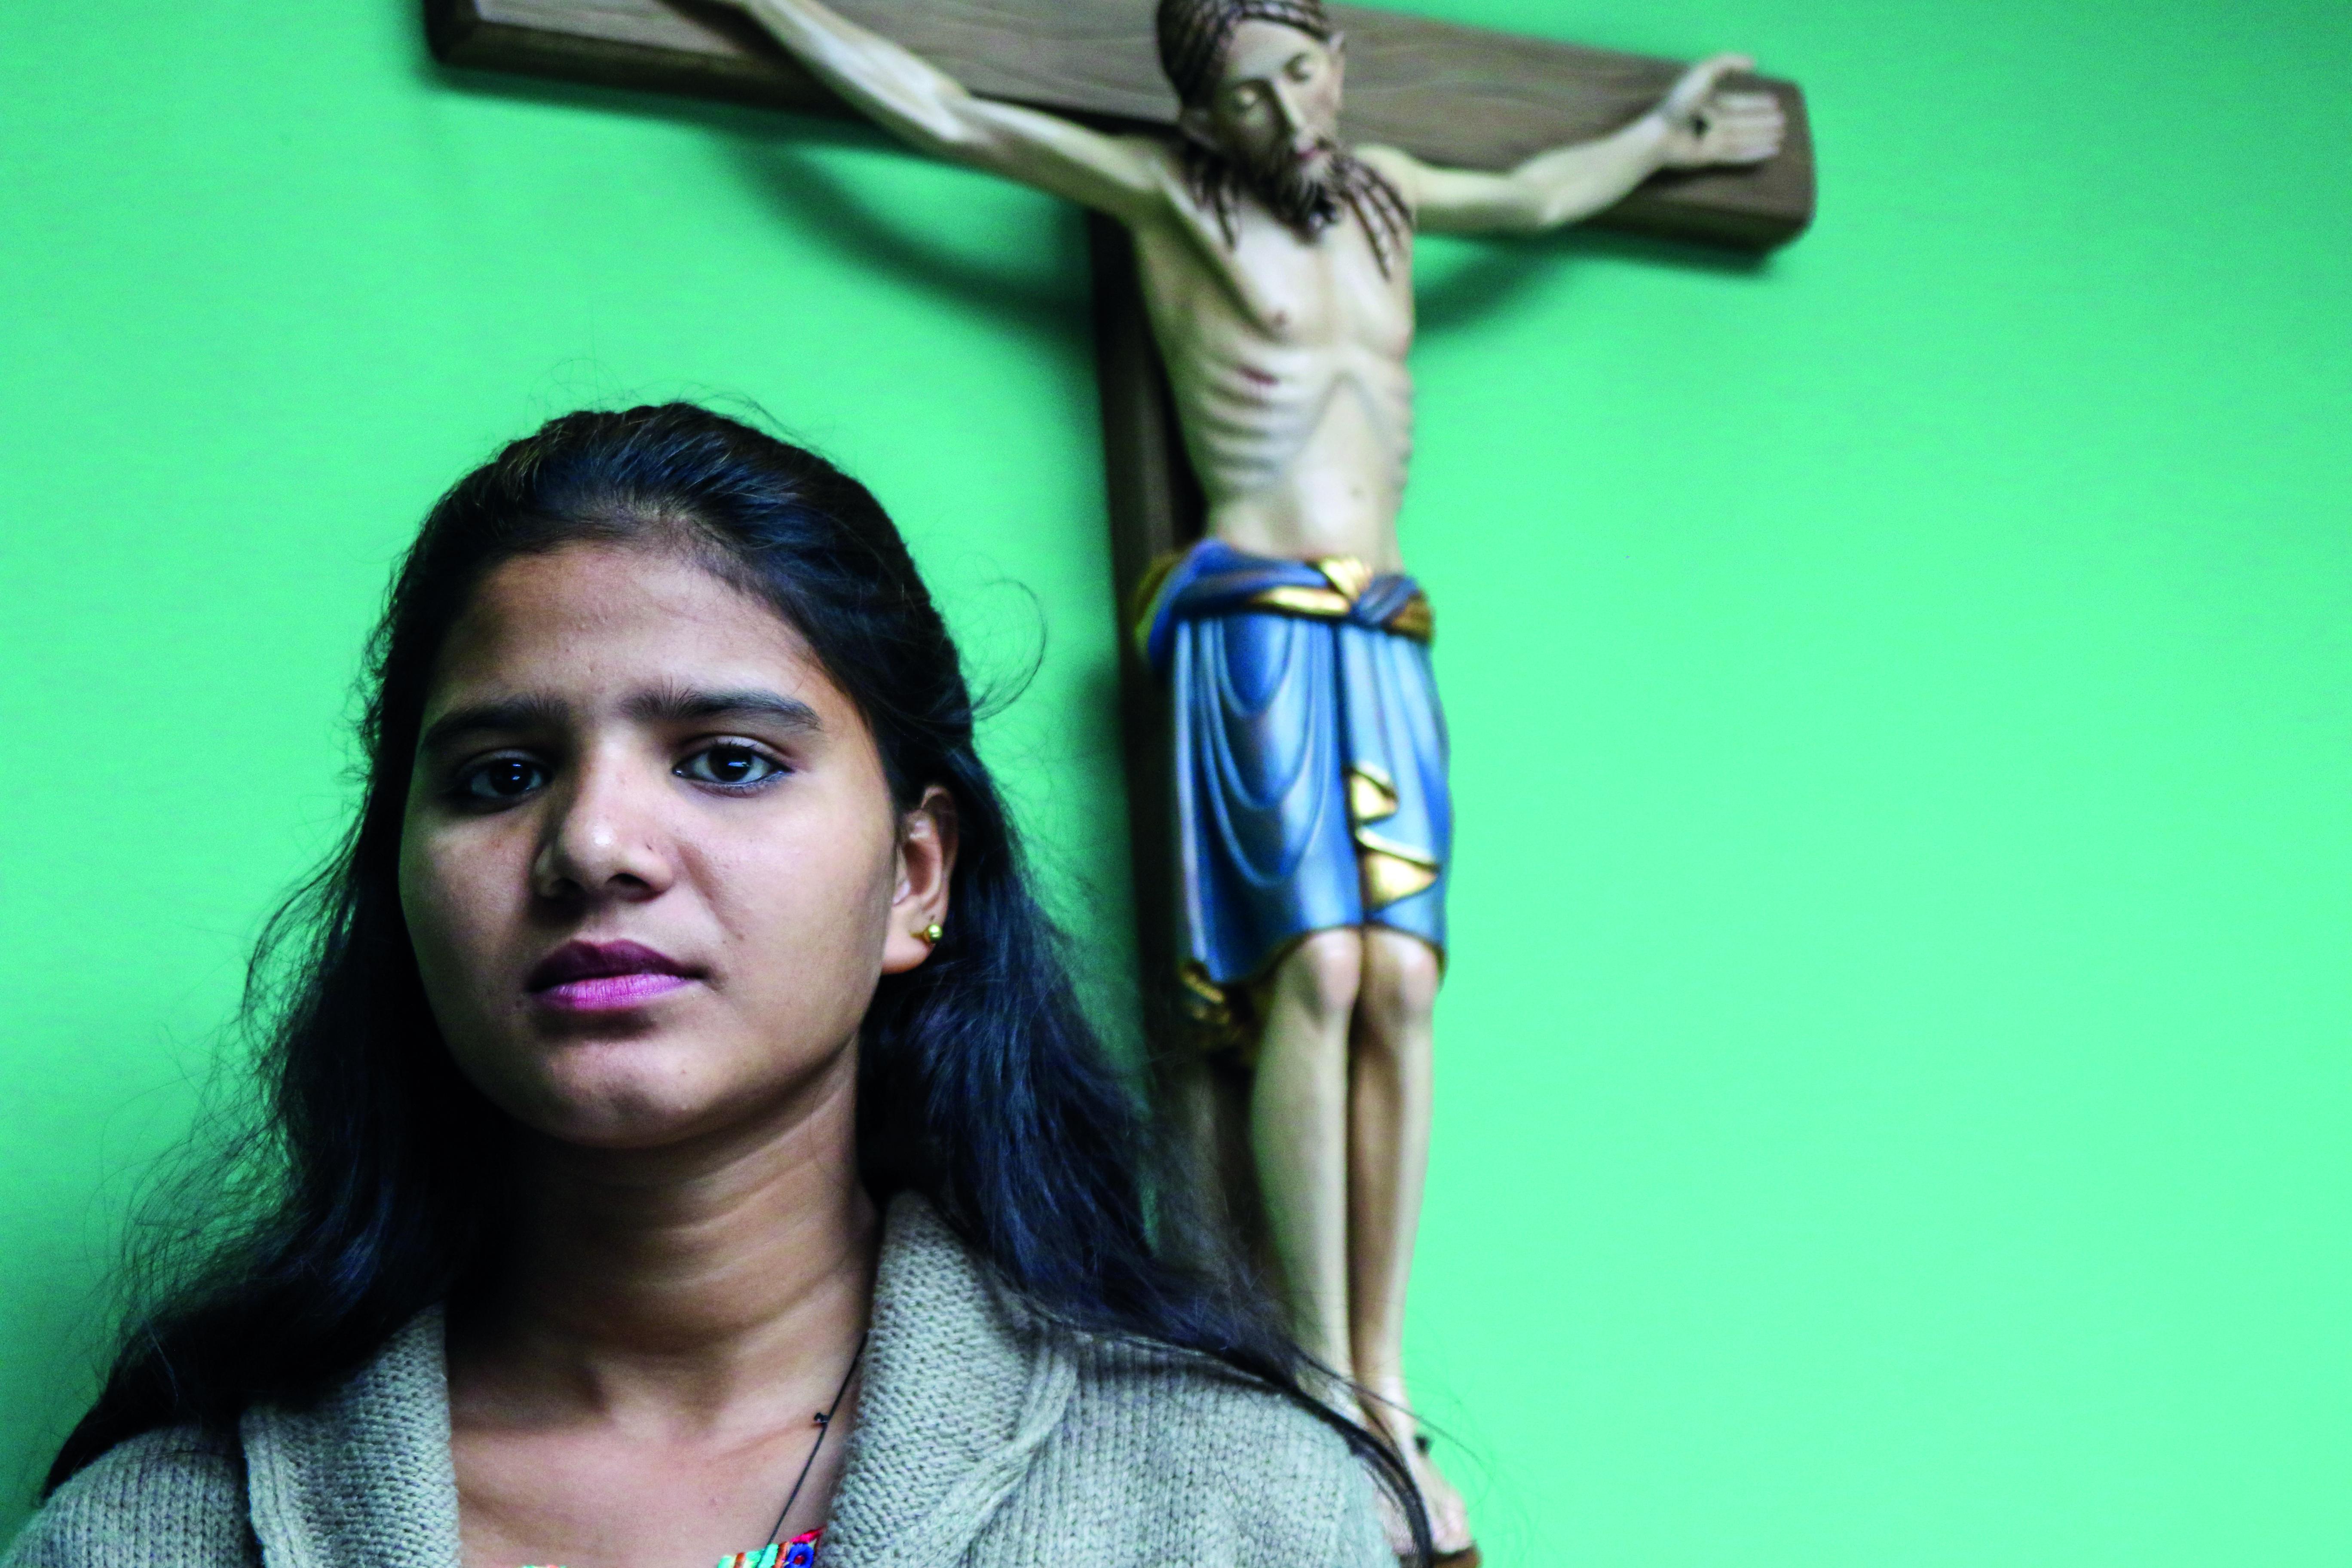 Filha de Asia Bibi, Eisham Ashiq, durante a sua visi-ta ao Reino Unido, em 2018.